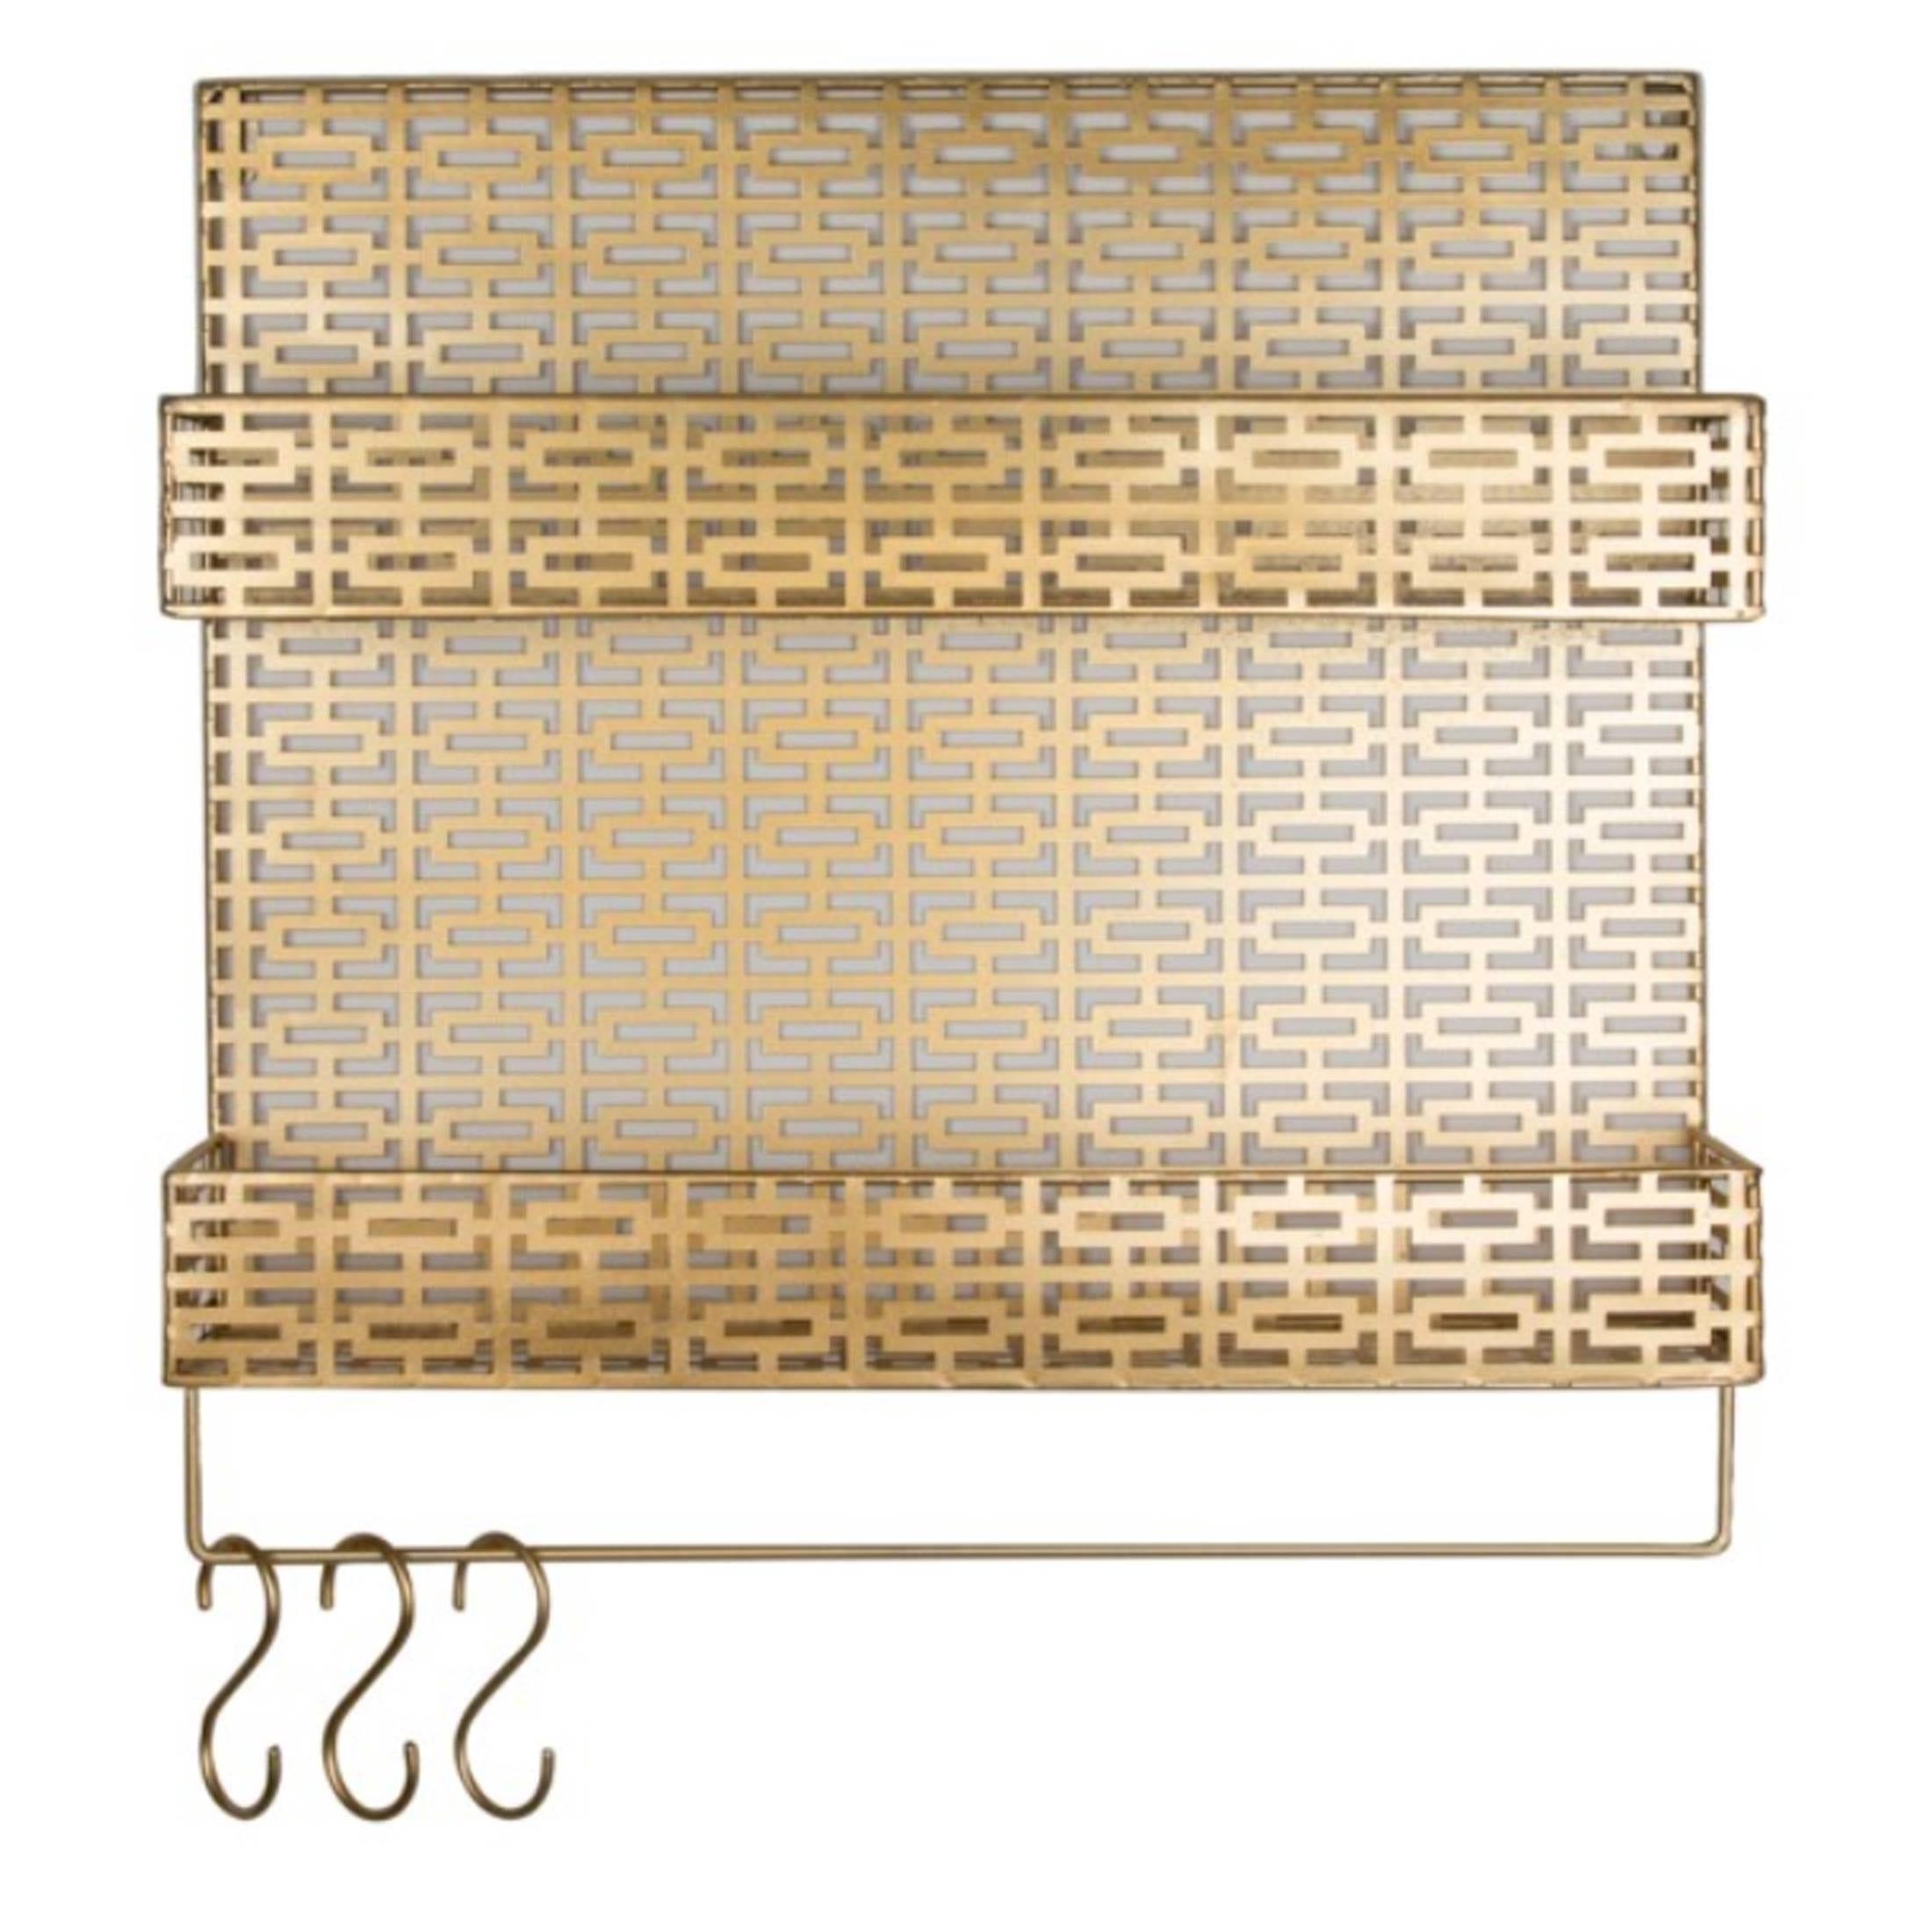 Wand Organizer mit 3 Haken und 2 Fächern aus Metall für die Aufbewahrung. Elegantes Wandregal in Gold & Schwarz bei Soulbirdee bestellen